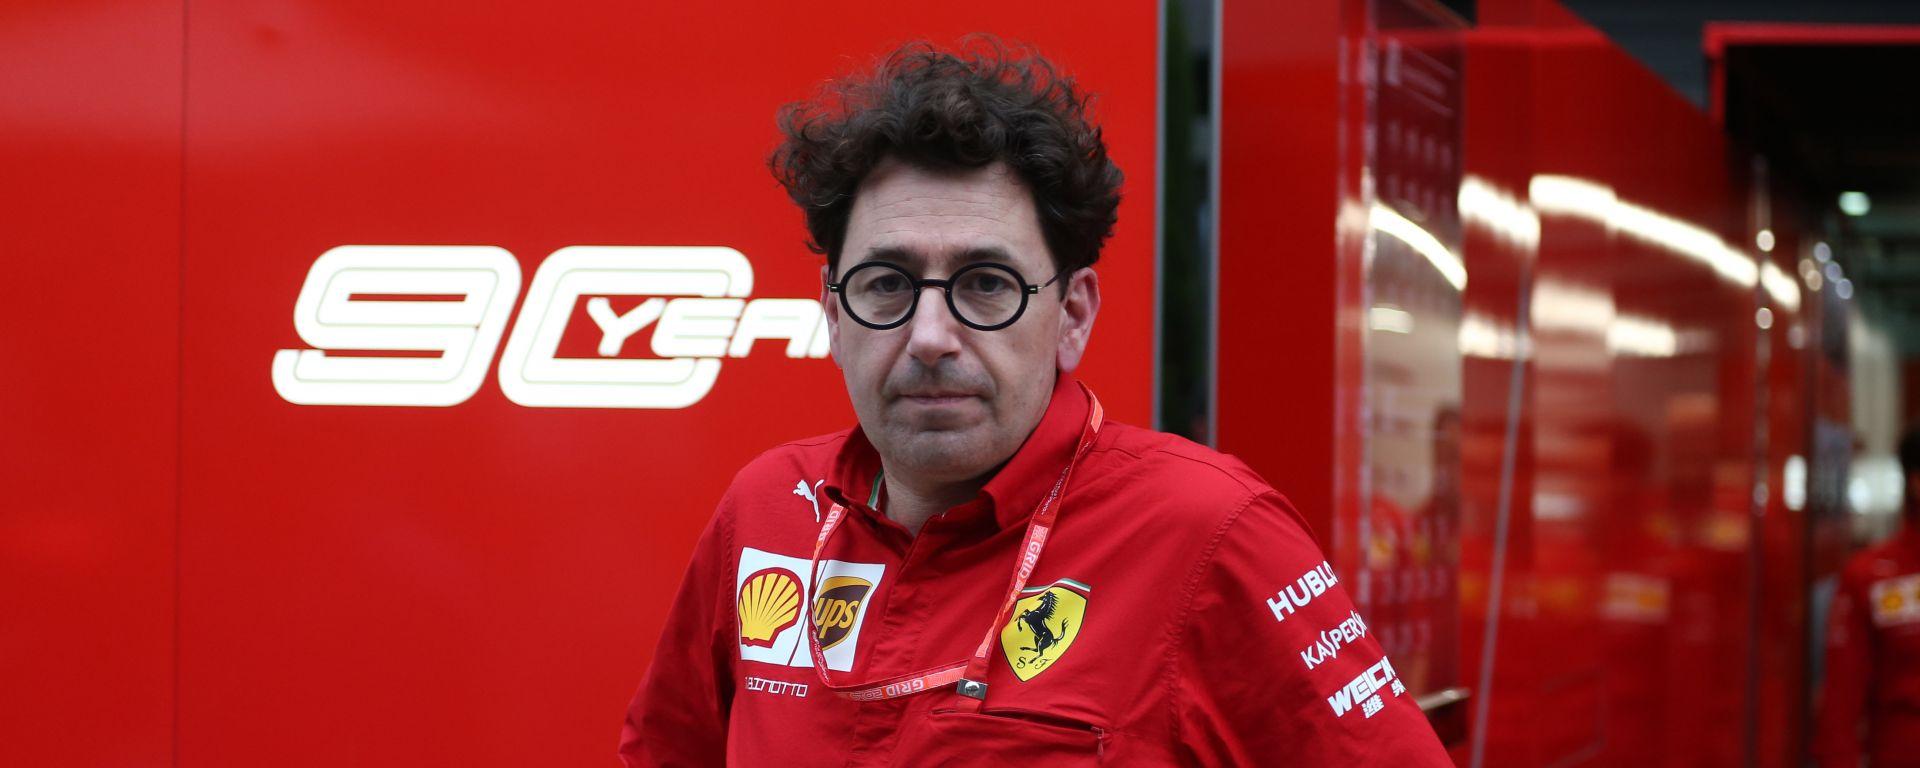 F1 GP Russia 2019, Sochi, Mattia Binotto (Ferrari)